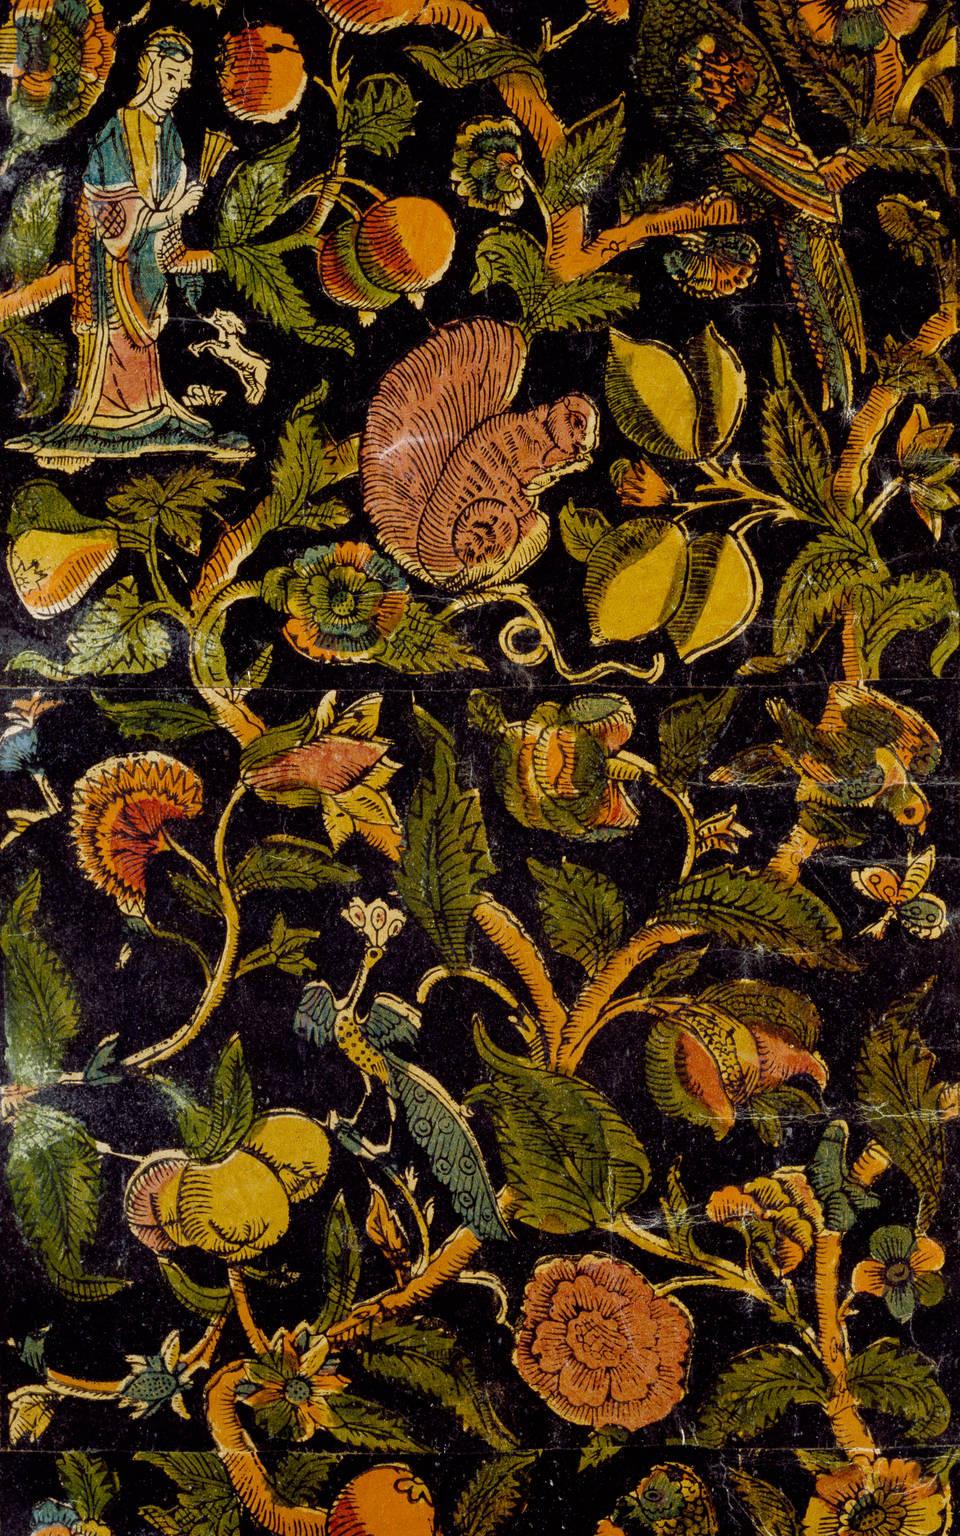 Một phần tấm giấy dán tường được vẽ với hoạt tiết lặp lại của sóc, chim công, vẹt đuôi dài và những nhân vật chinoiserie giữa hoa và tán lá - Blitz Creatives